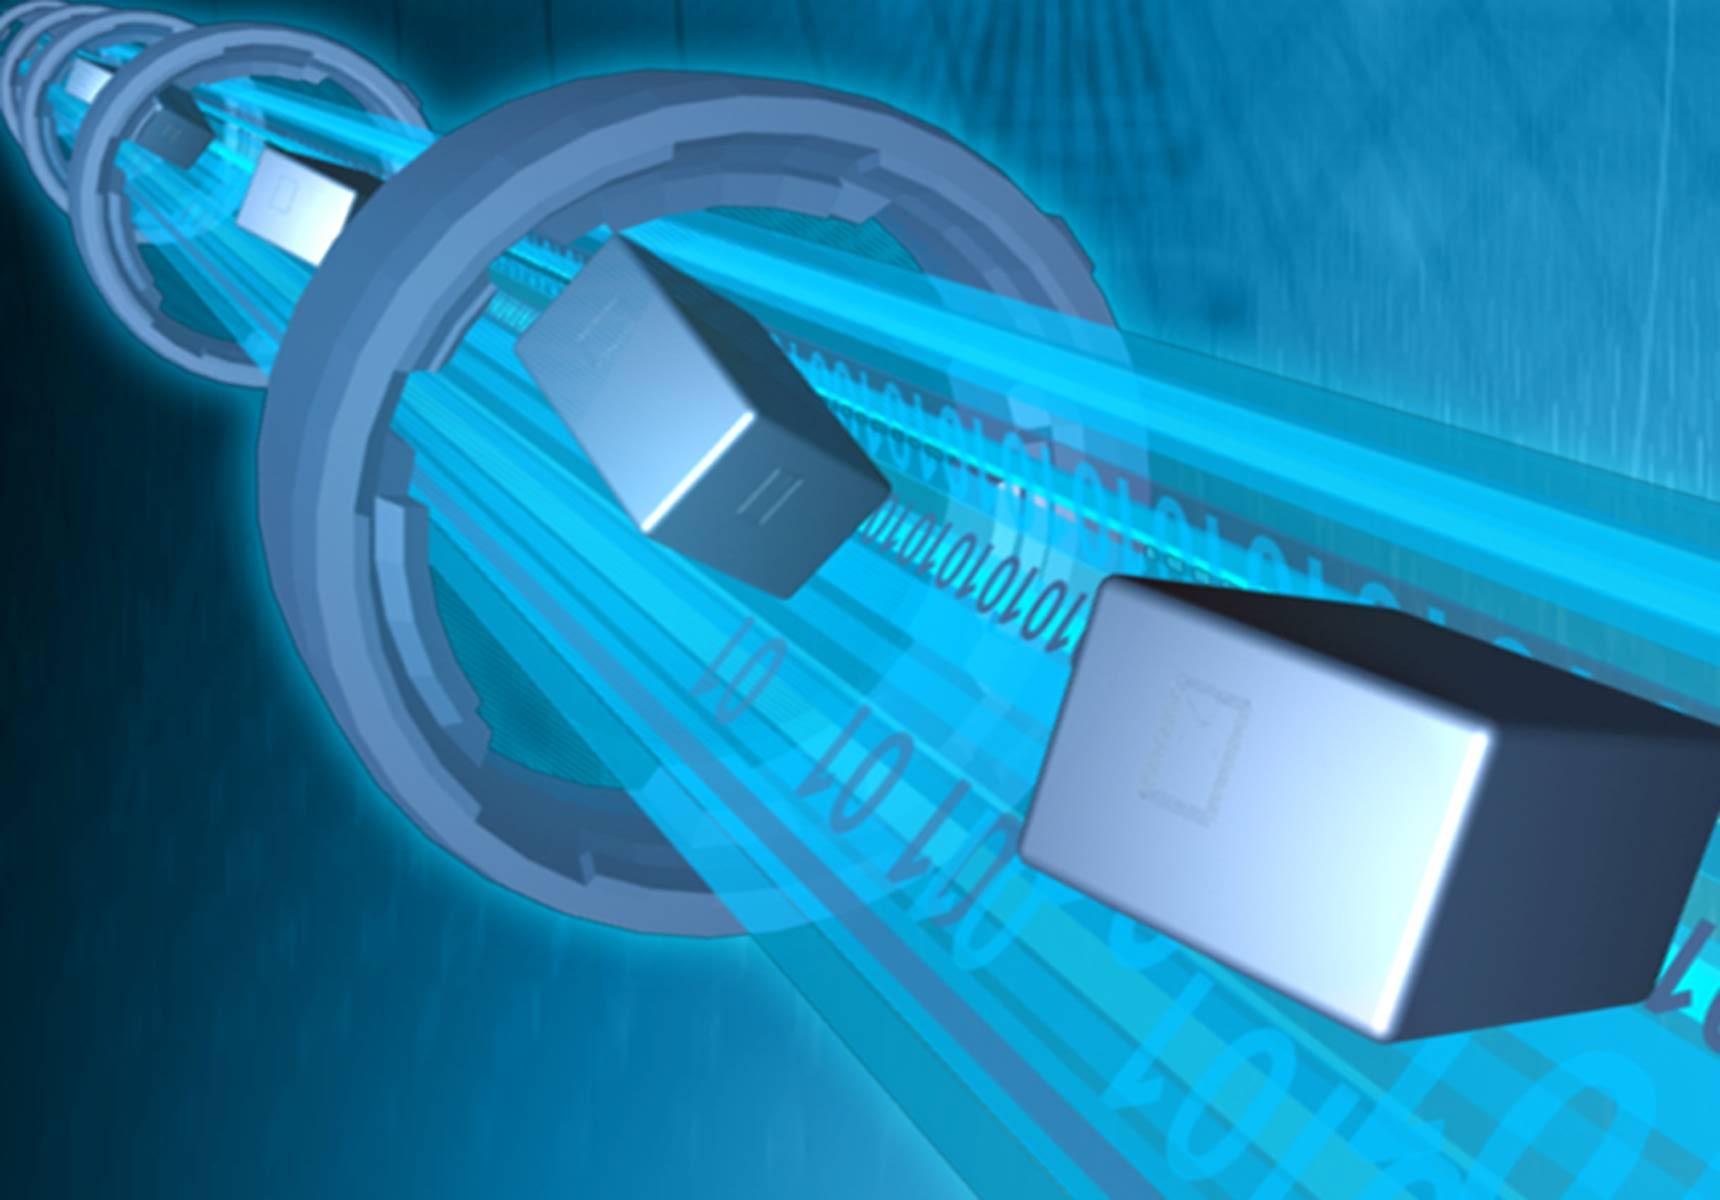 LLega banda ancha a Universidad de Oriente